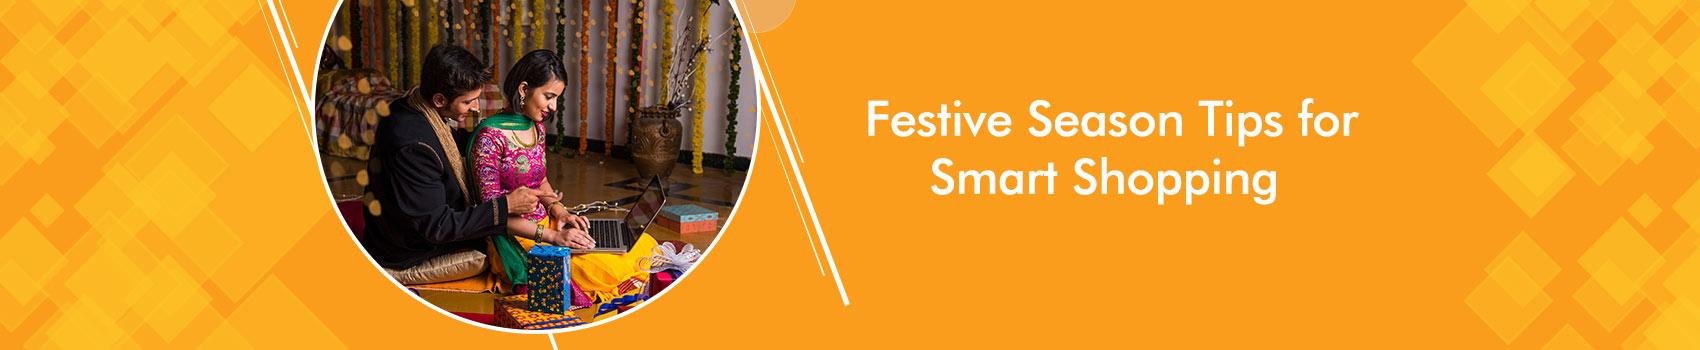 Festive Season Tips for Smart Shopping